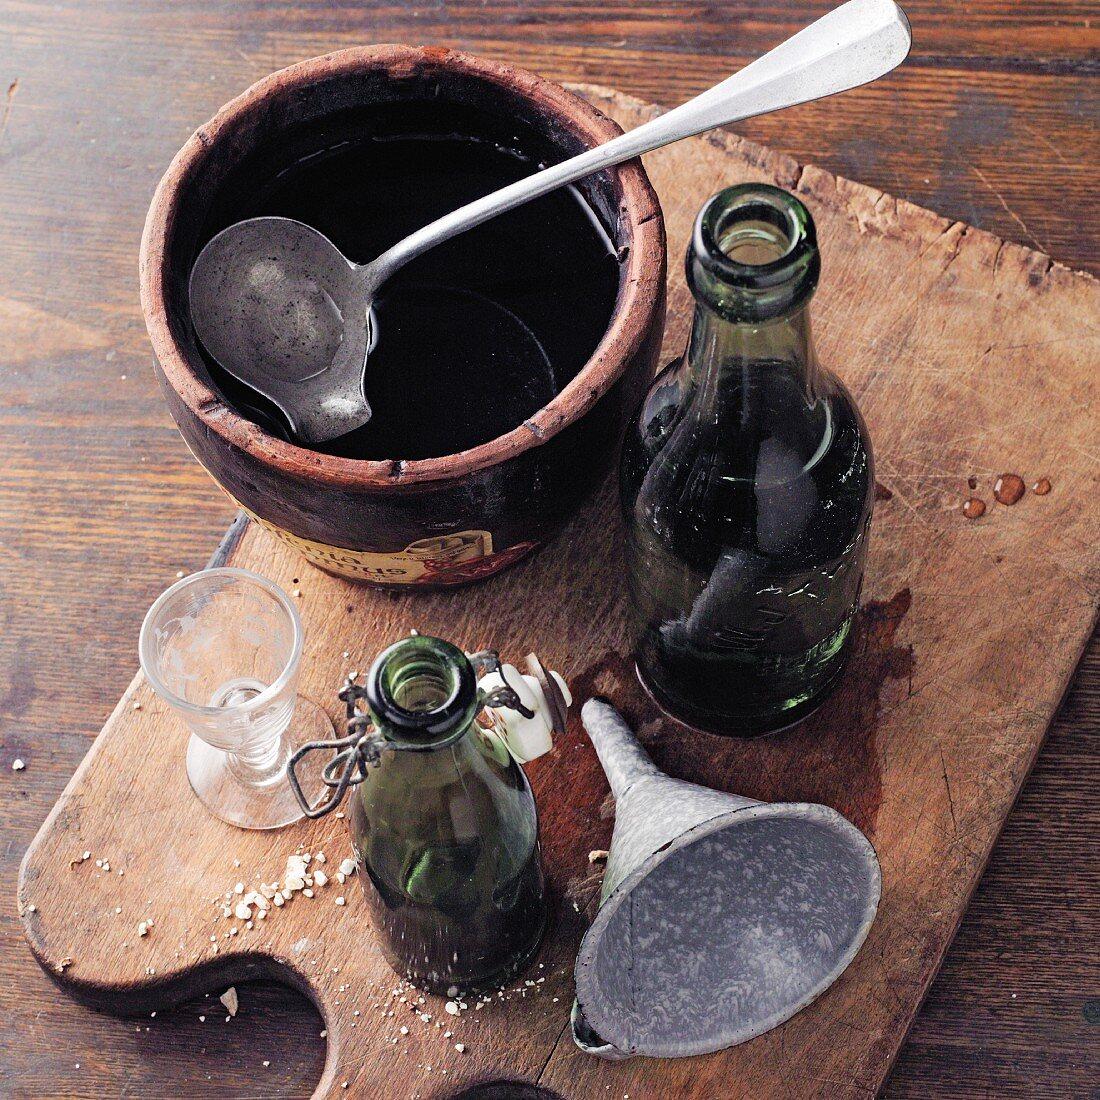 Wild arum elixir (à la Hildegard von Bingen) being poured into bottles